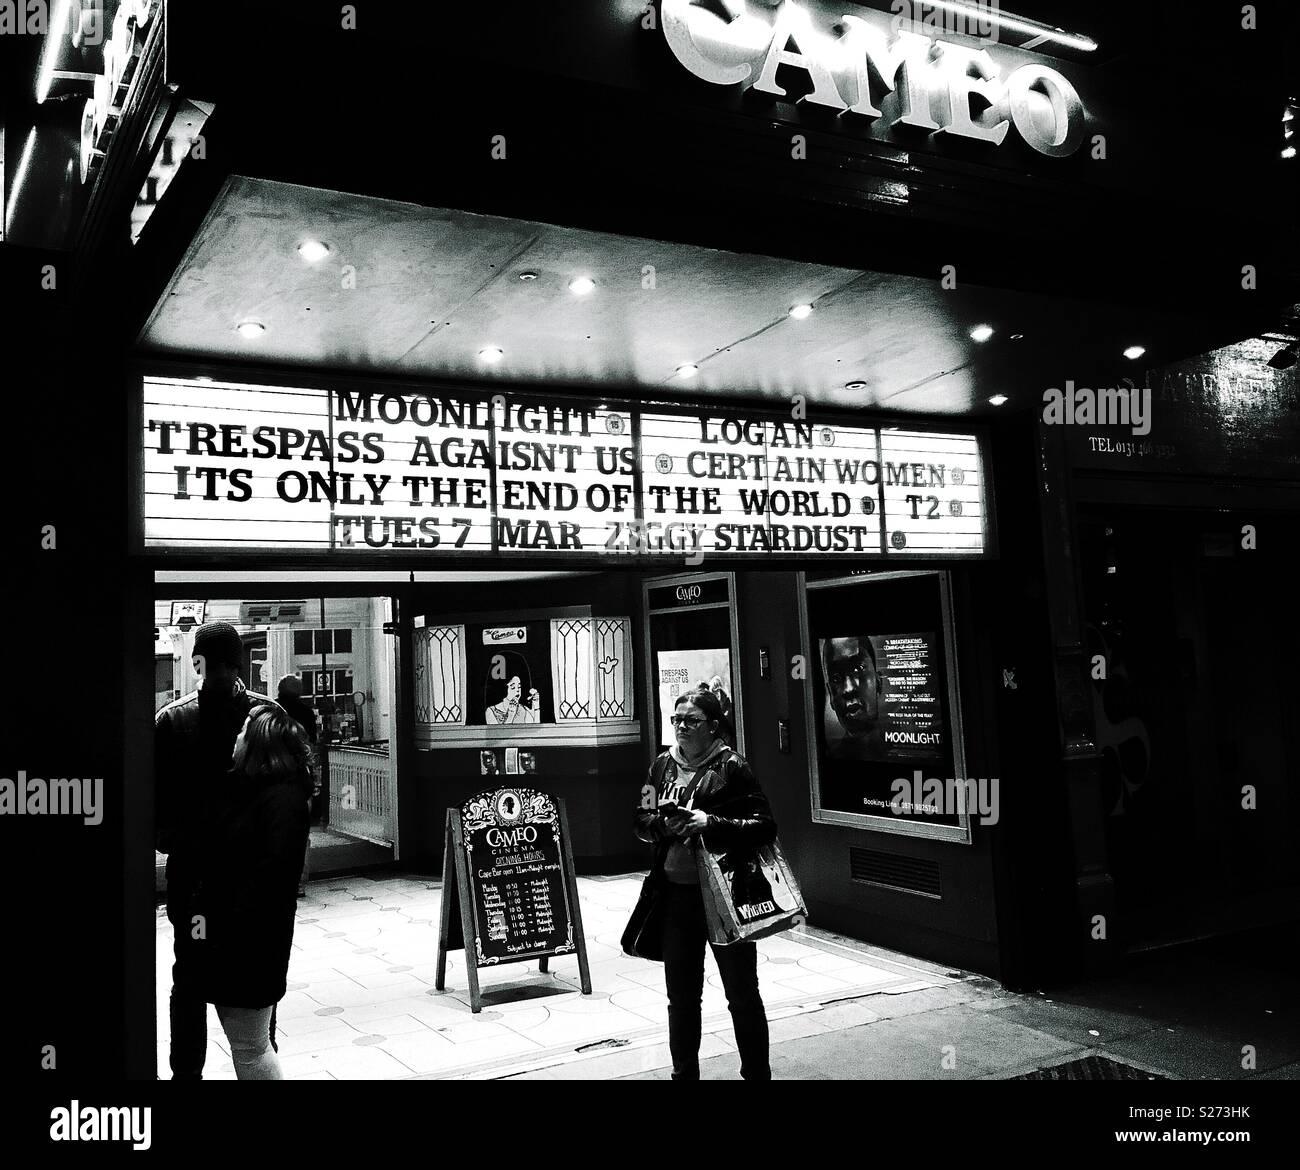 Bis spät in die Nacht Kino, Leute warten Stockbild